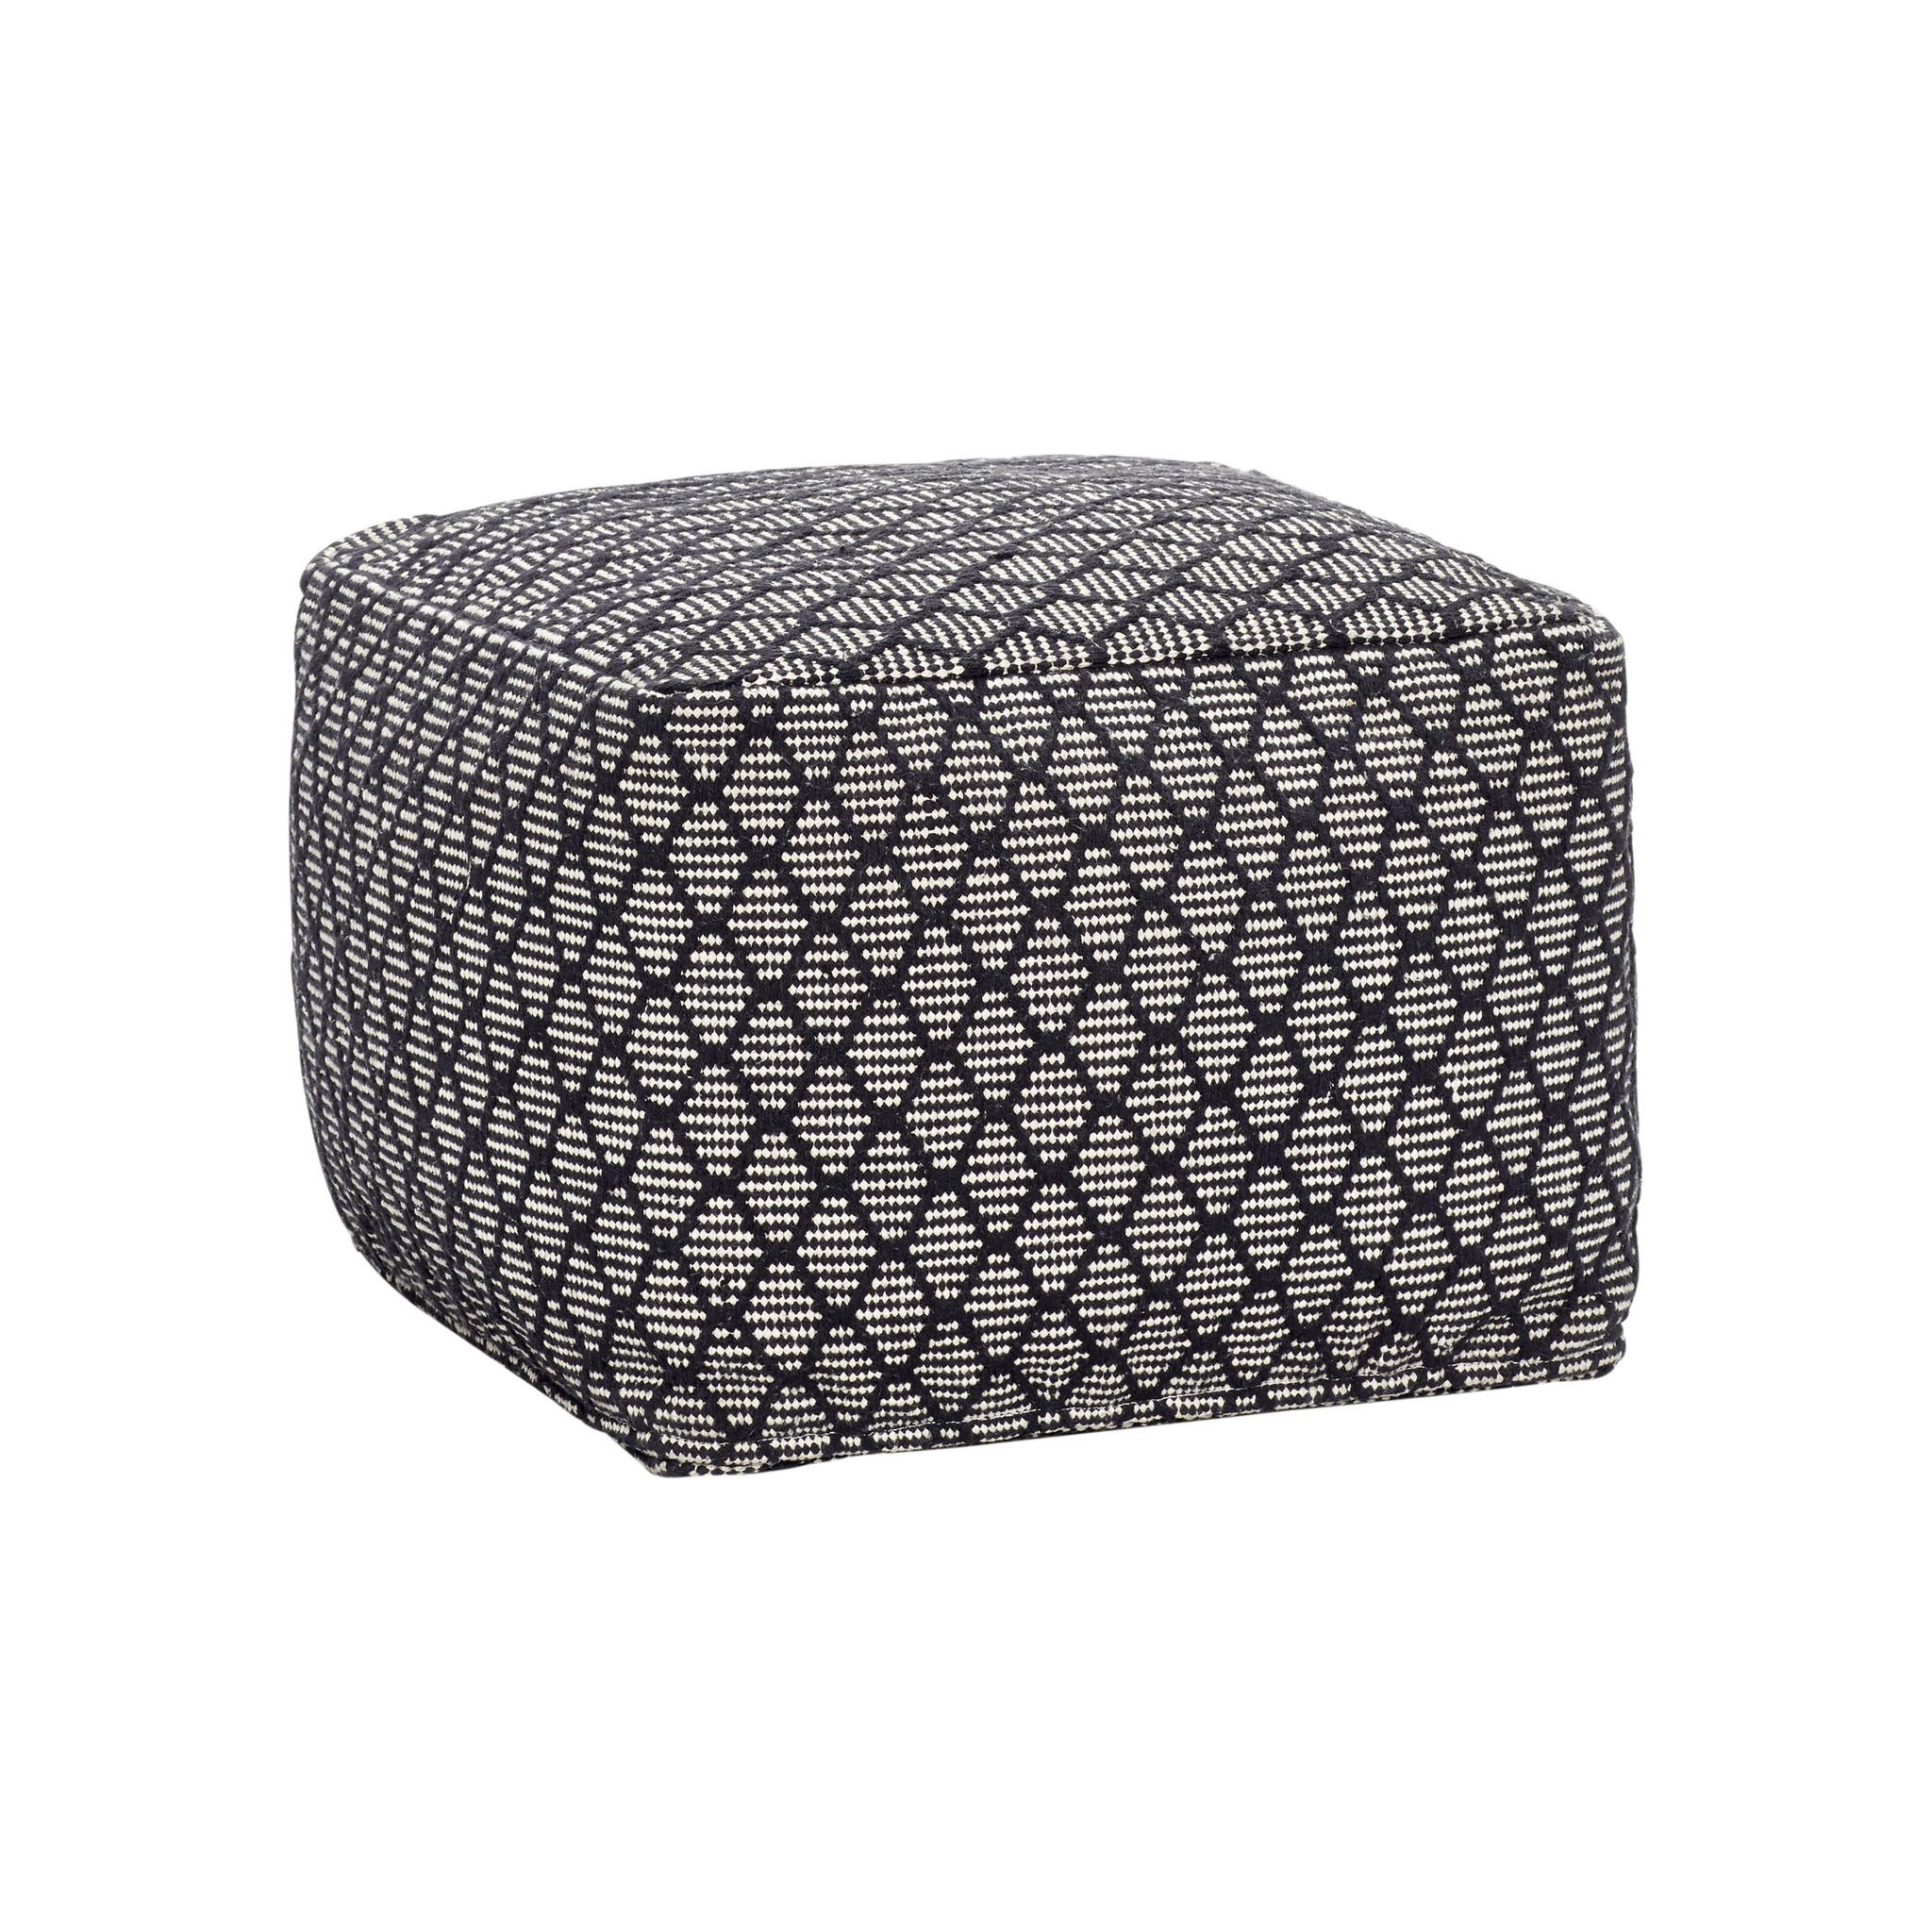 Hubsch Poef met patroon, vierkant, katoen, zwart / wit-740702-5712772067512